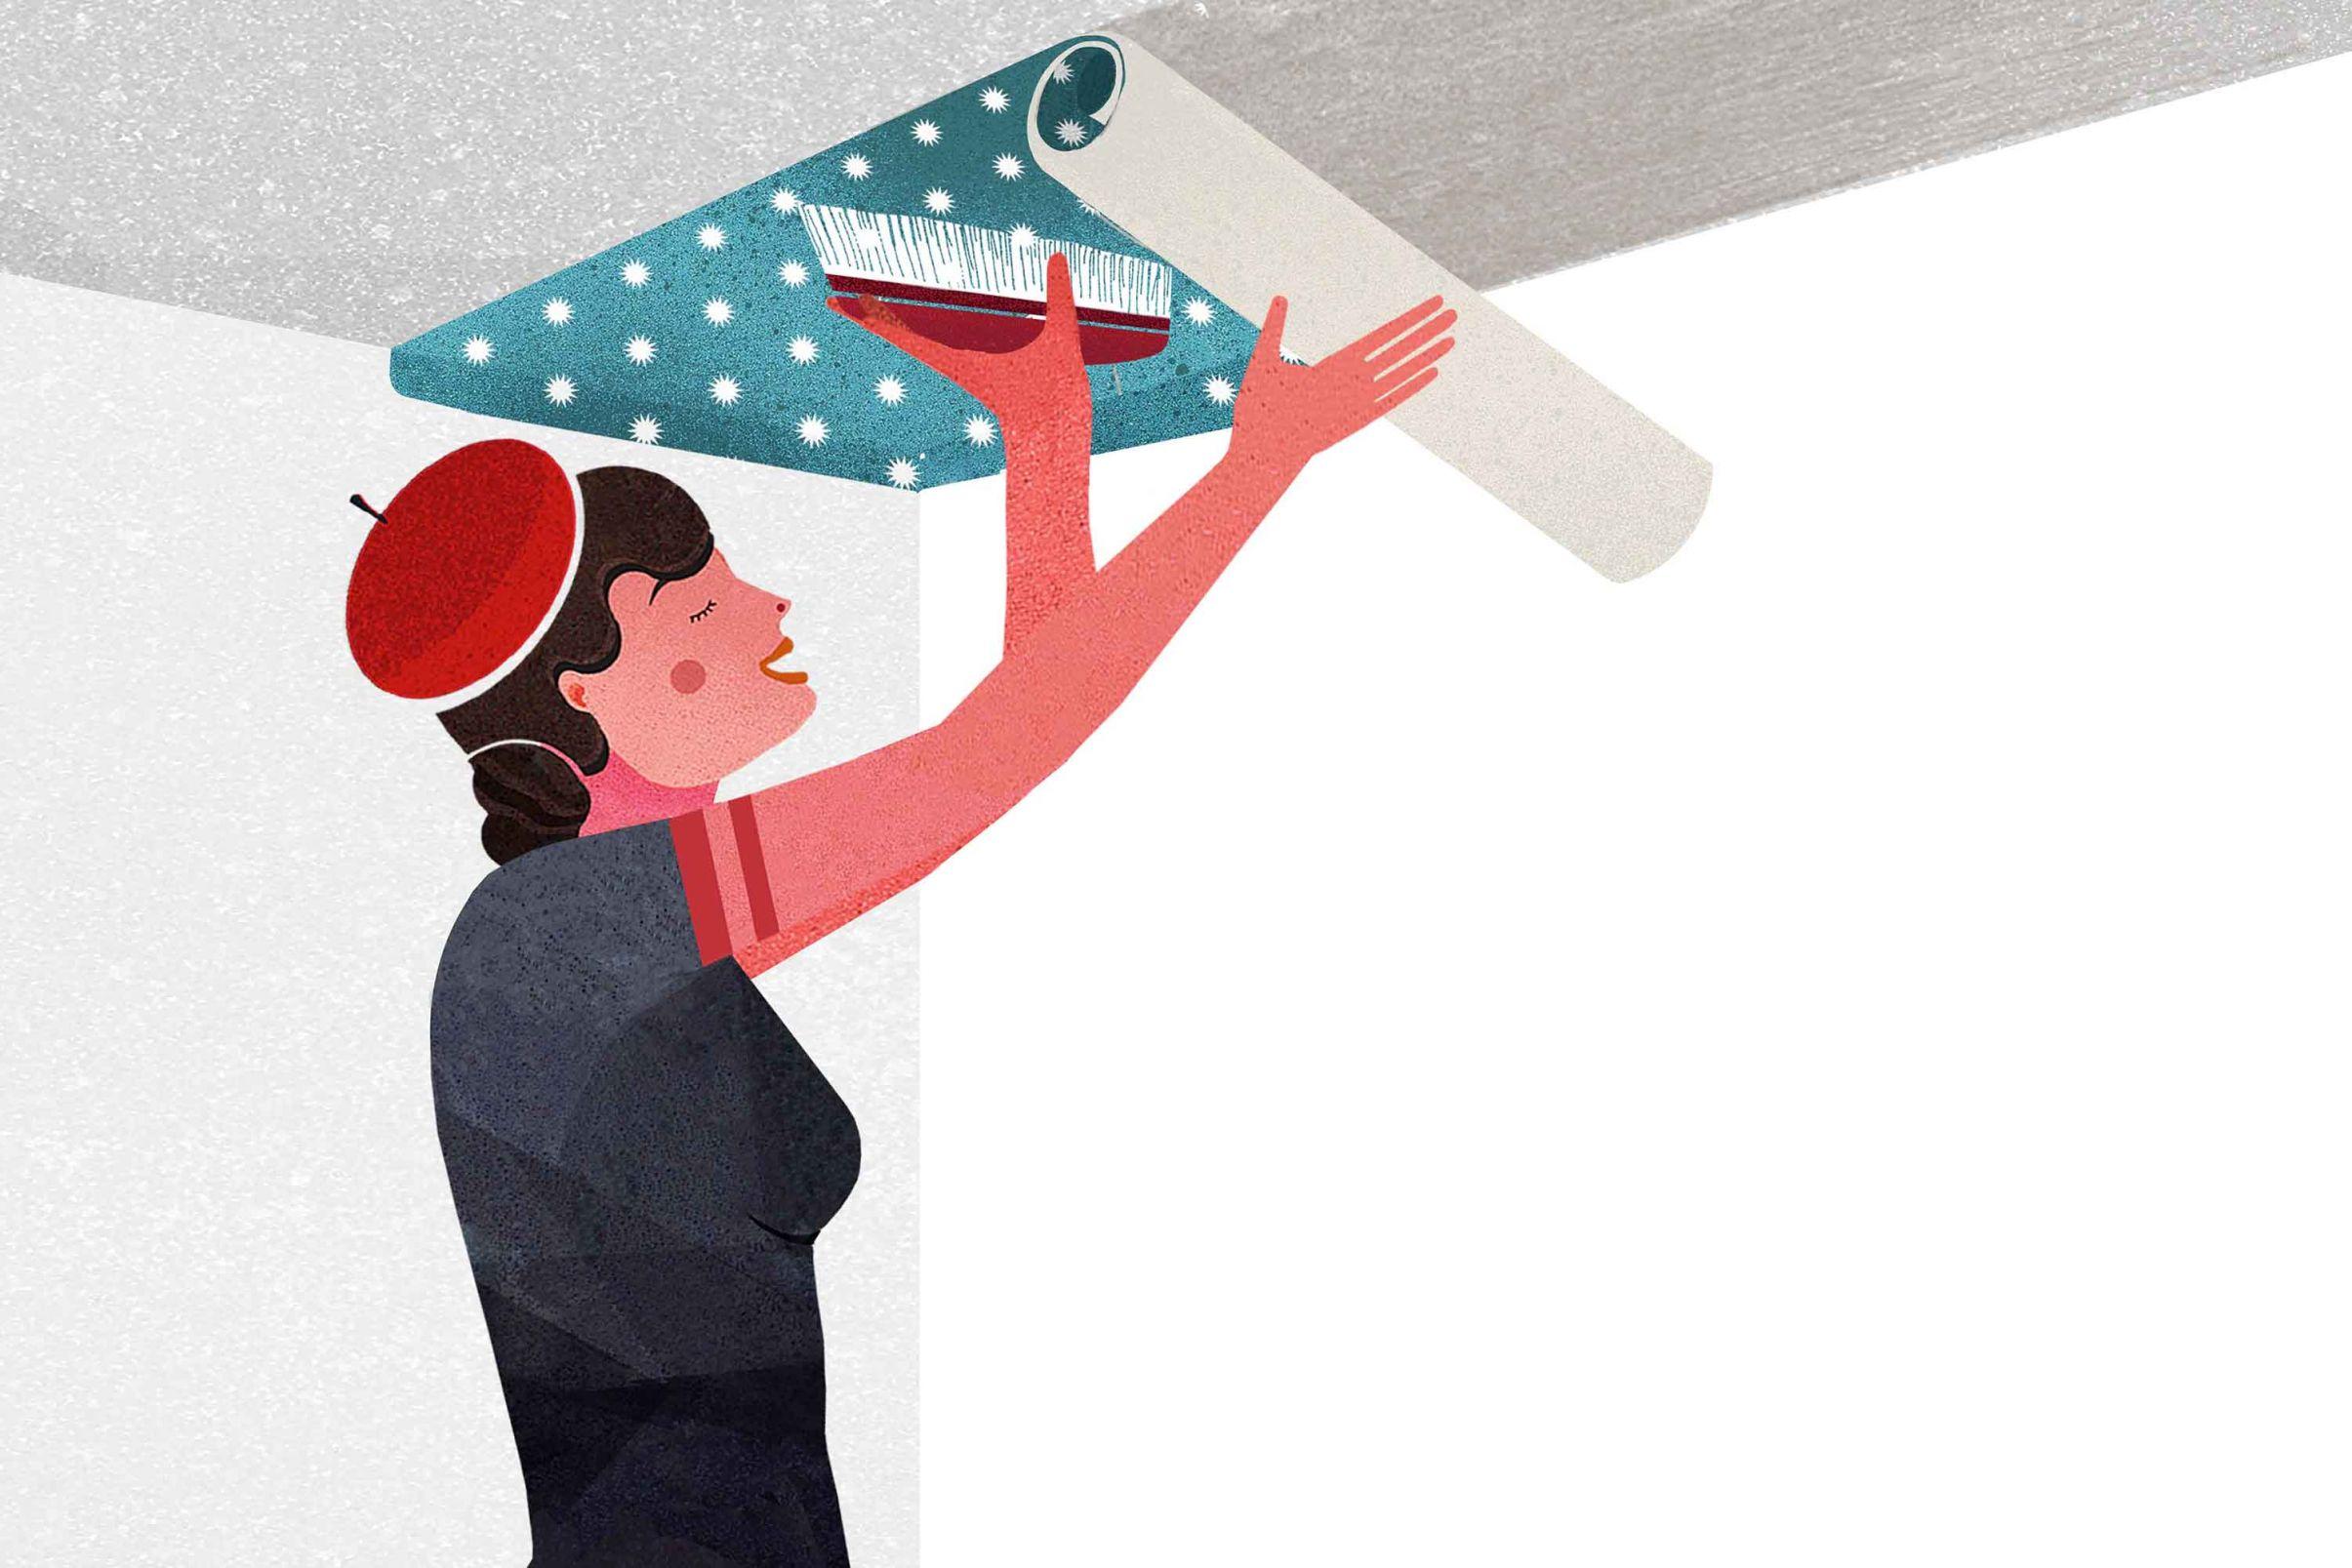 Wie-tapeziere-ich-die-Decke-Tapete-anbringen